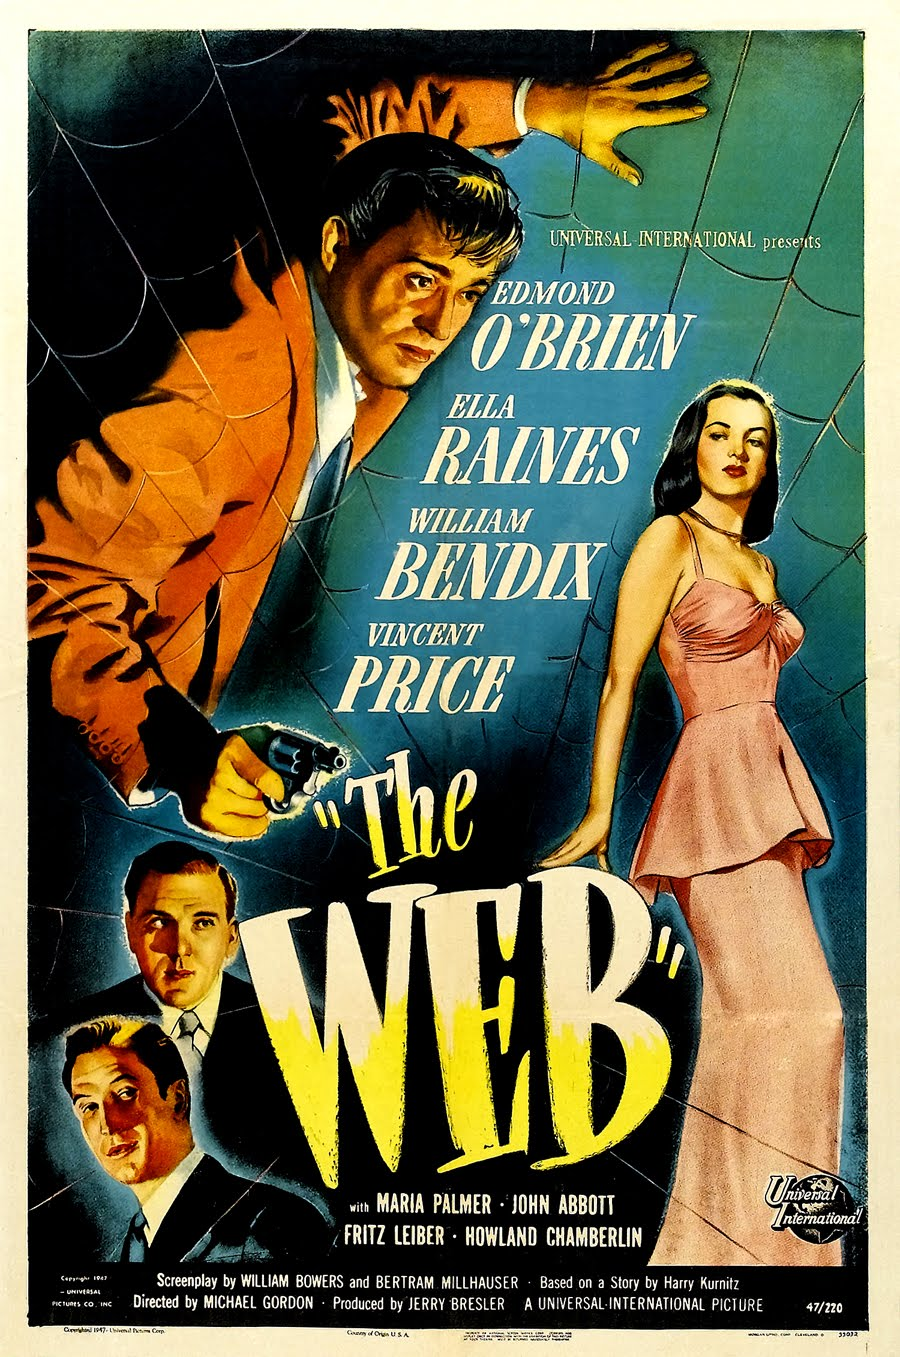 affiche poster film noir cinema 027 102 affiches de films noirs